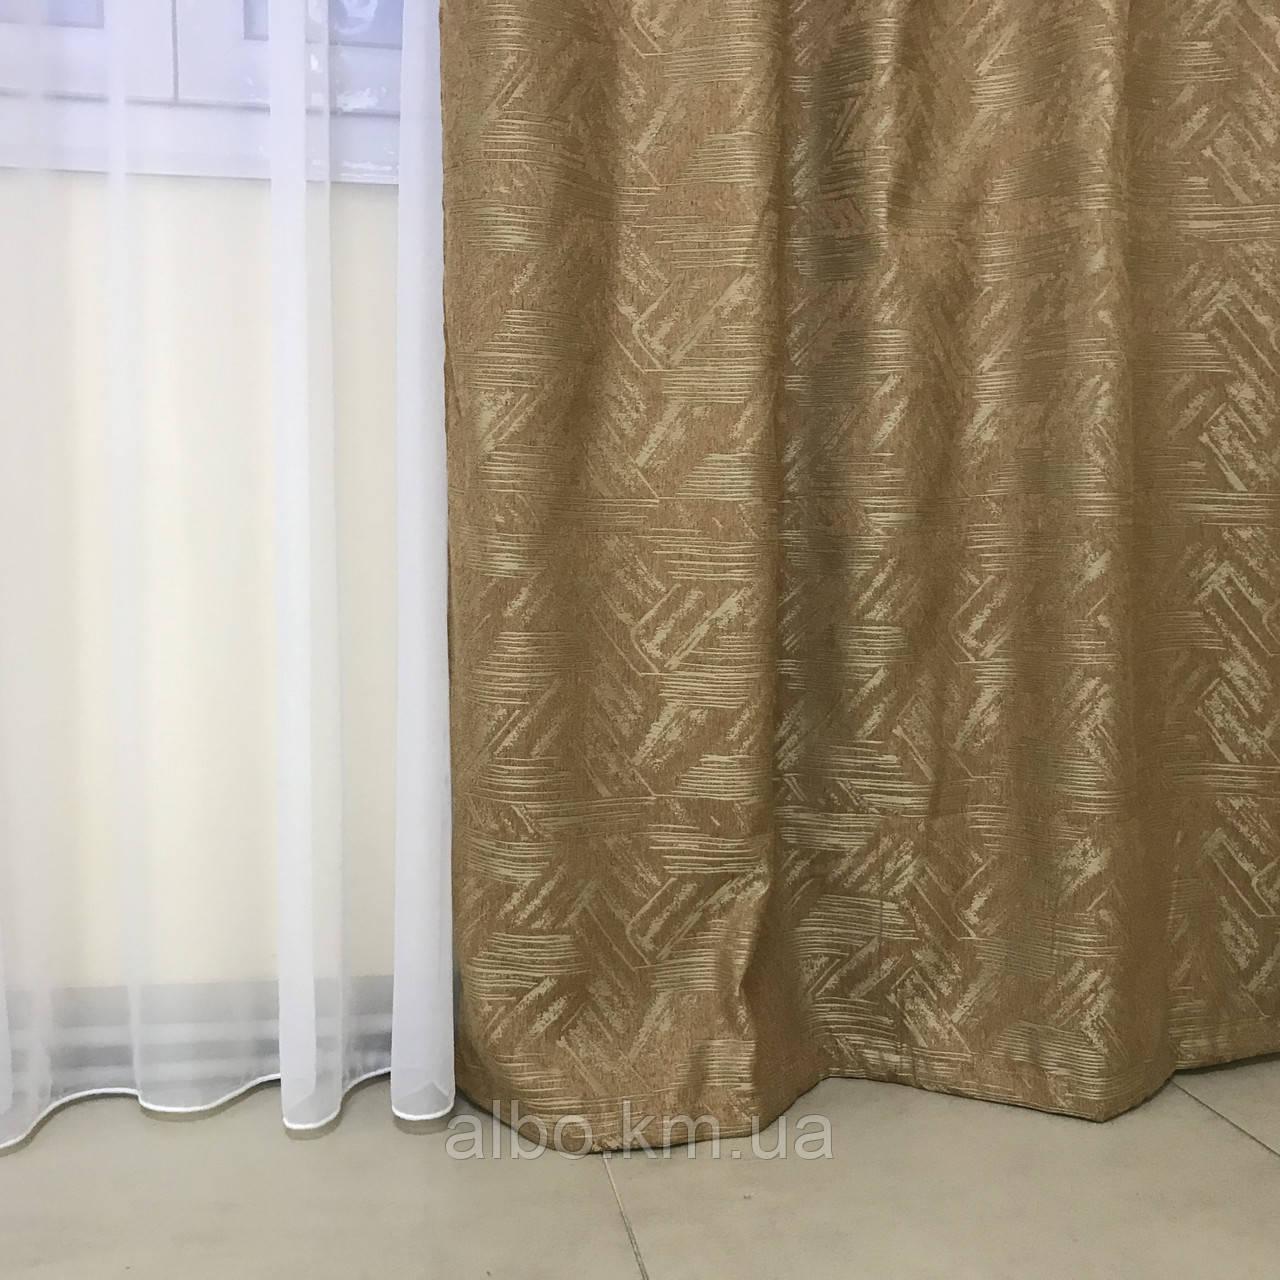 Шторы из льна для дома комнаты кухни, шторы блэкаут для дома зала спальни детской комнаты, шторы от солнца для